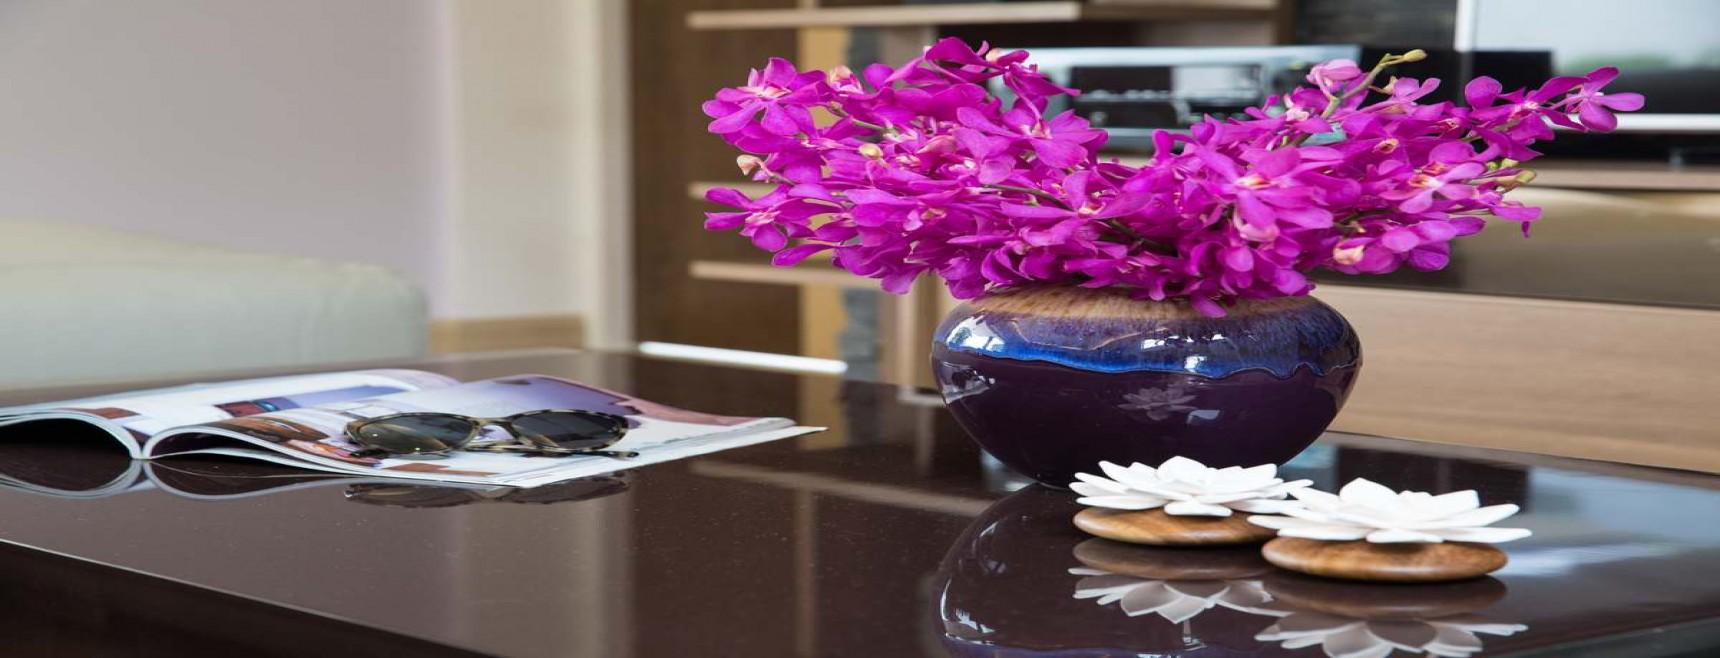 5 Bedrooms, Villa, Holiday Villa Rentals, Listing ID 1358, Koh Samui,